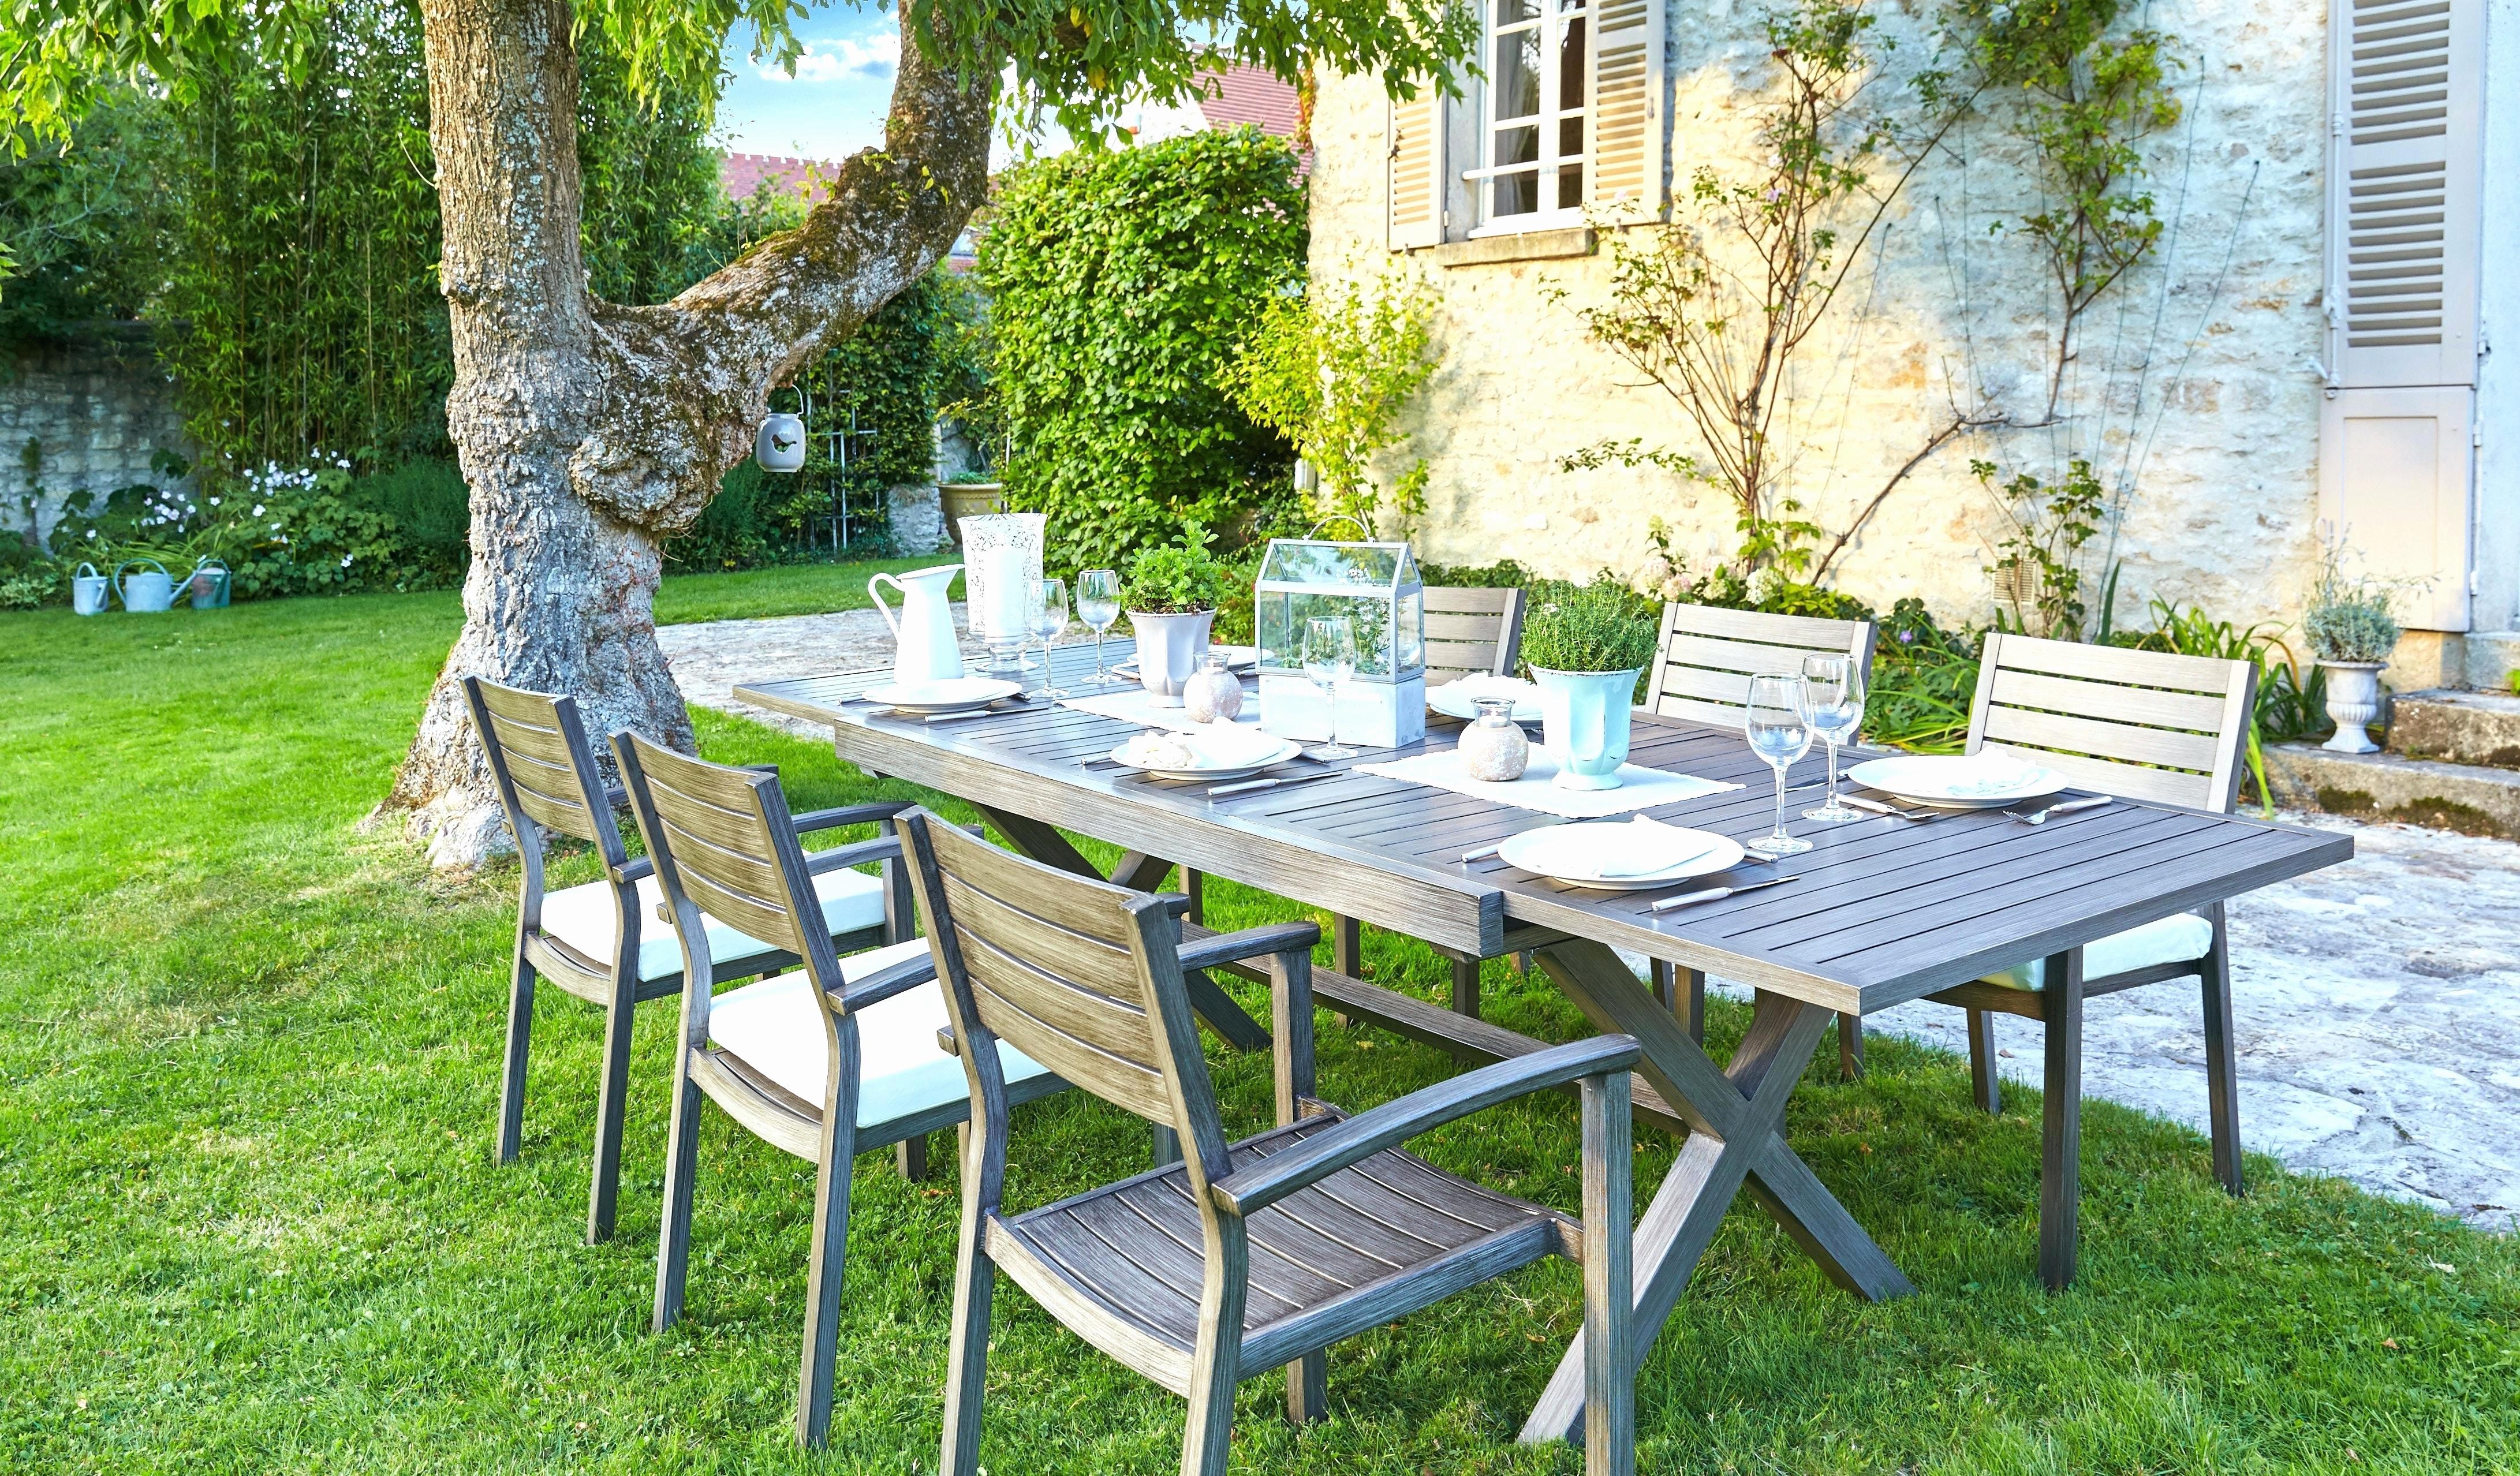 Transat Jardin Carrefour Meilleur De Images Fauteuil De Jardin Carrefour Pour sobre Carrefour Jardin Å¡nico